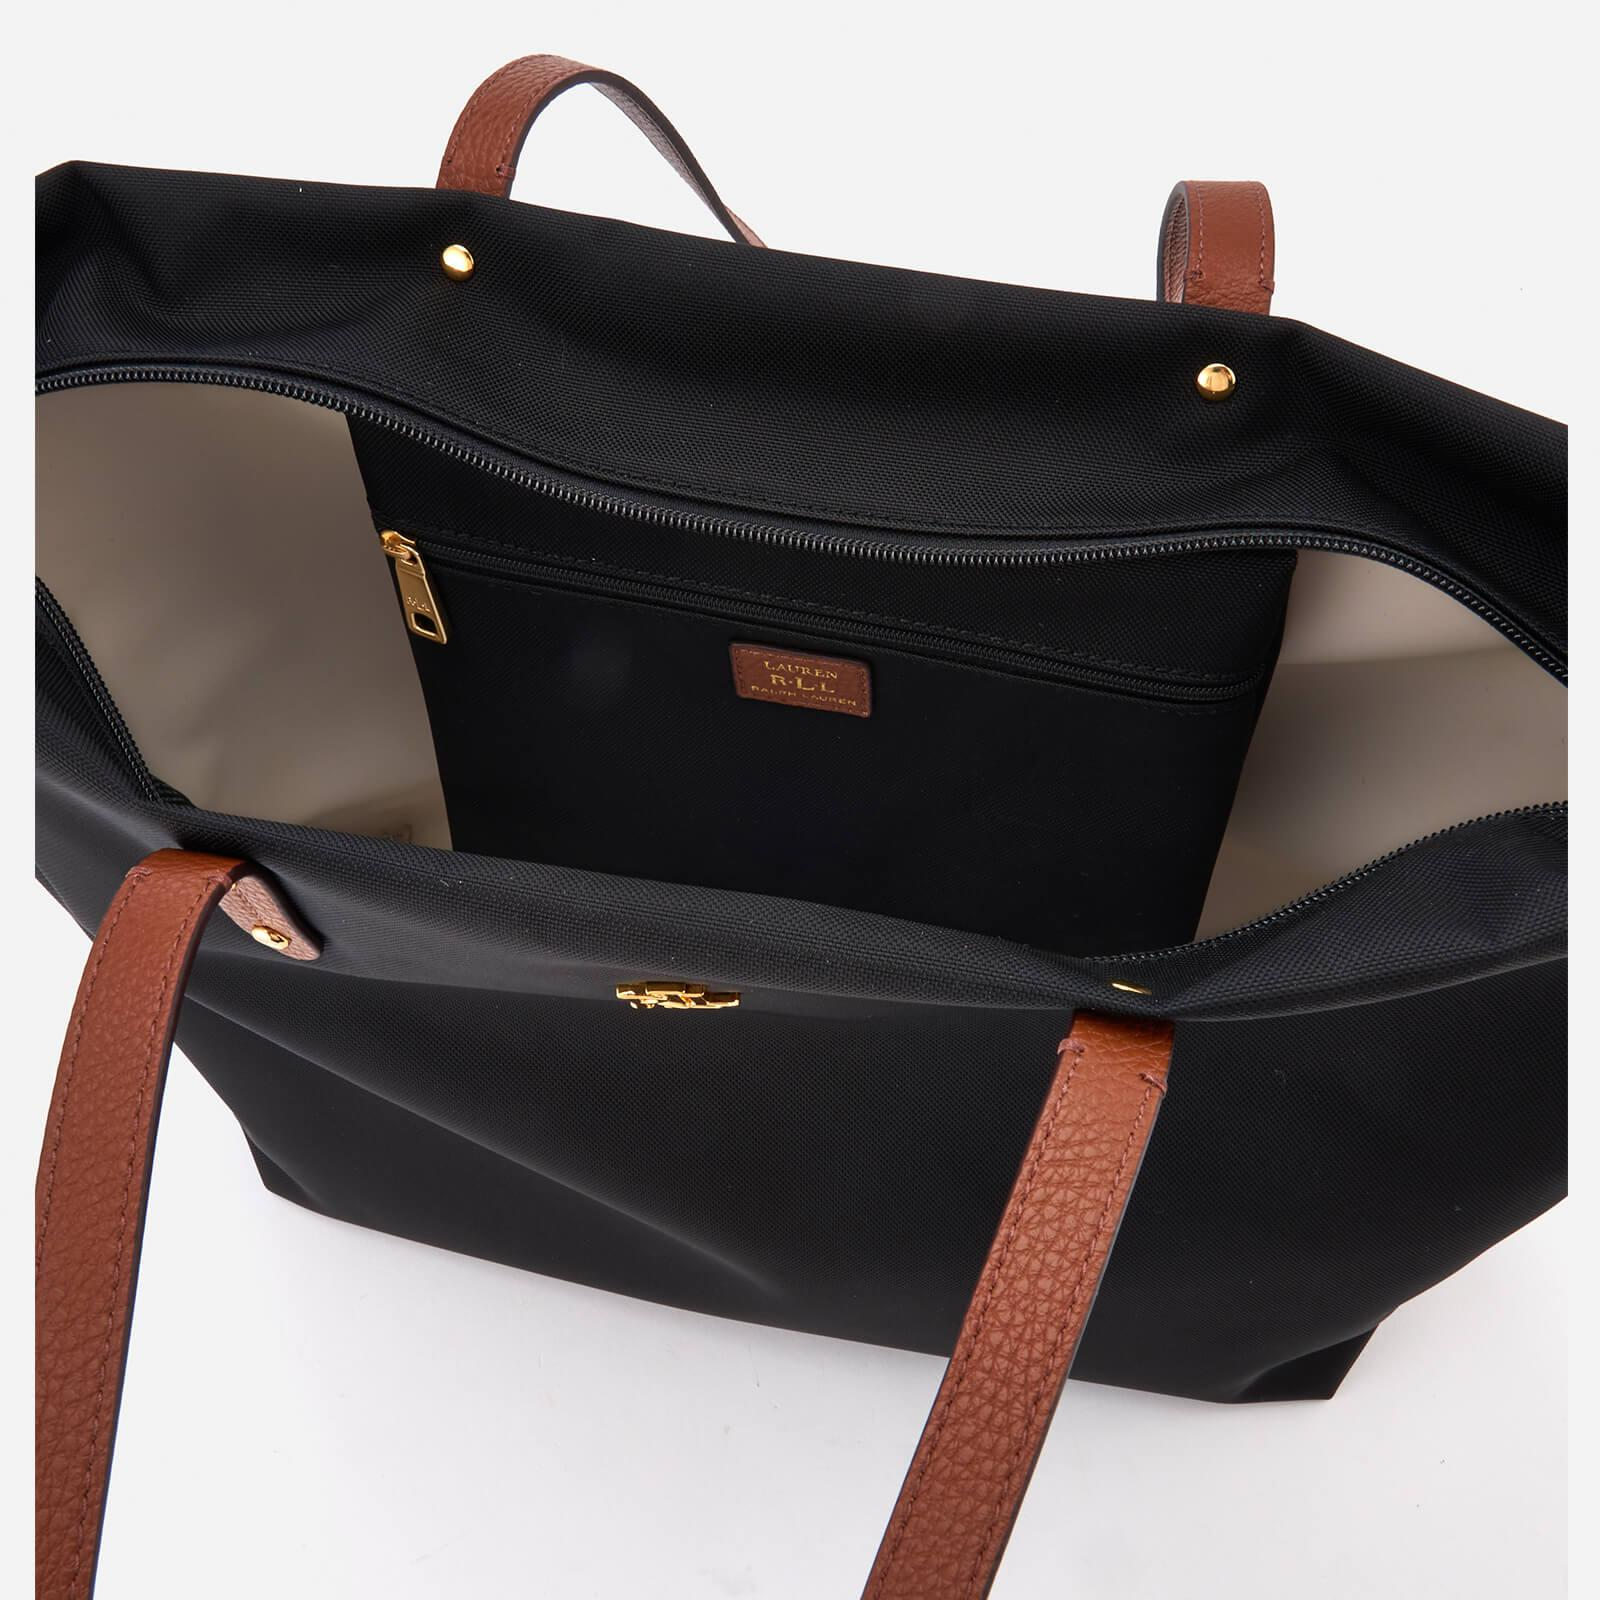 Lauren by Ralph Lauren Bainbridge Tote Bag in Black - Lyst b42653b1747b7